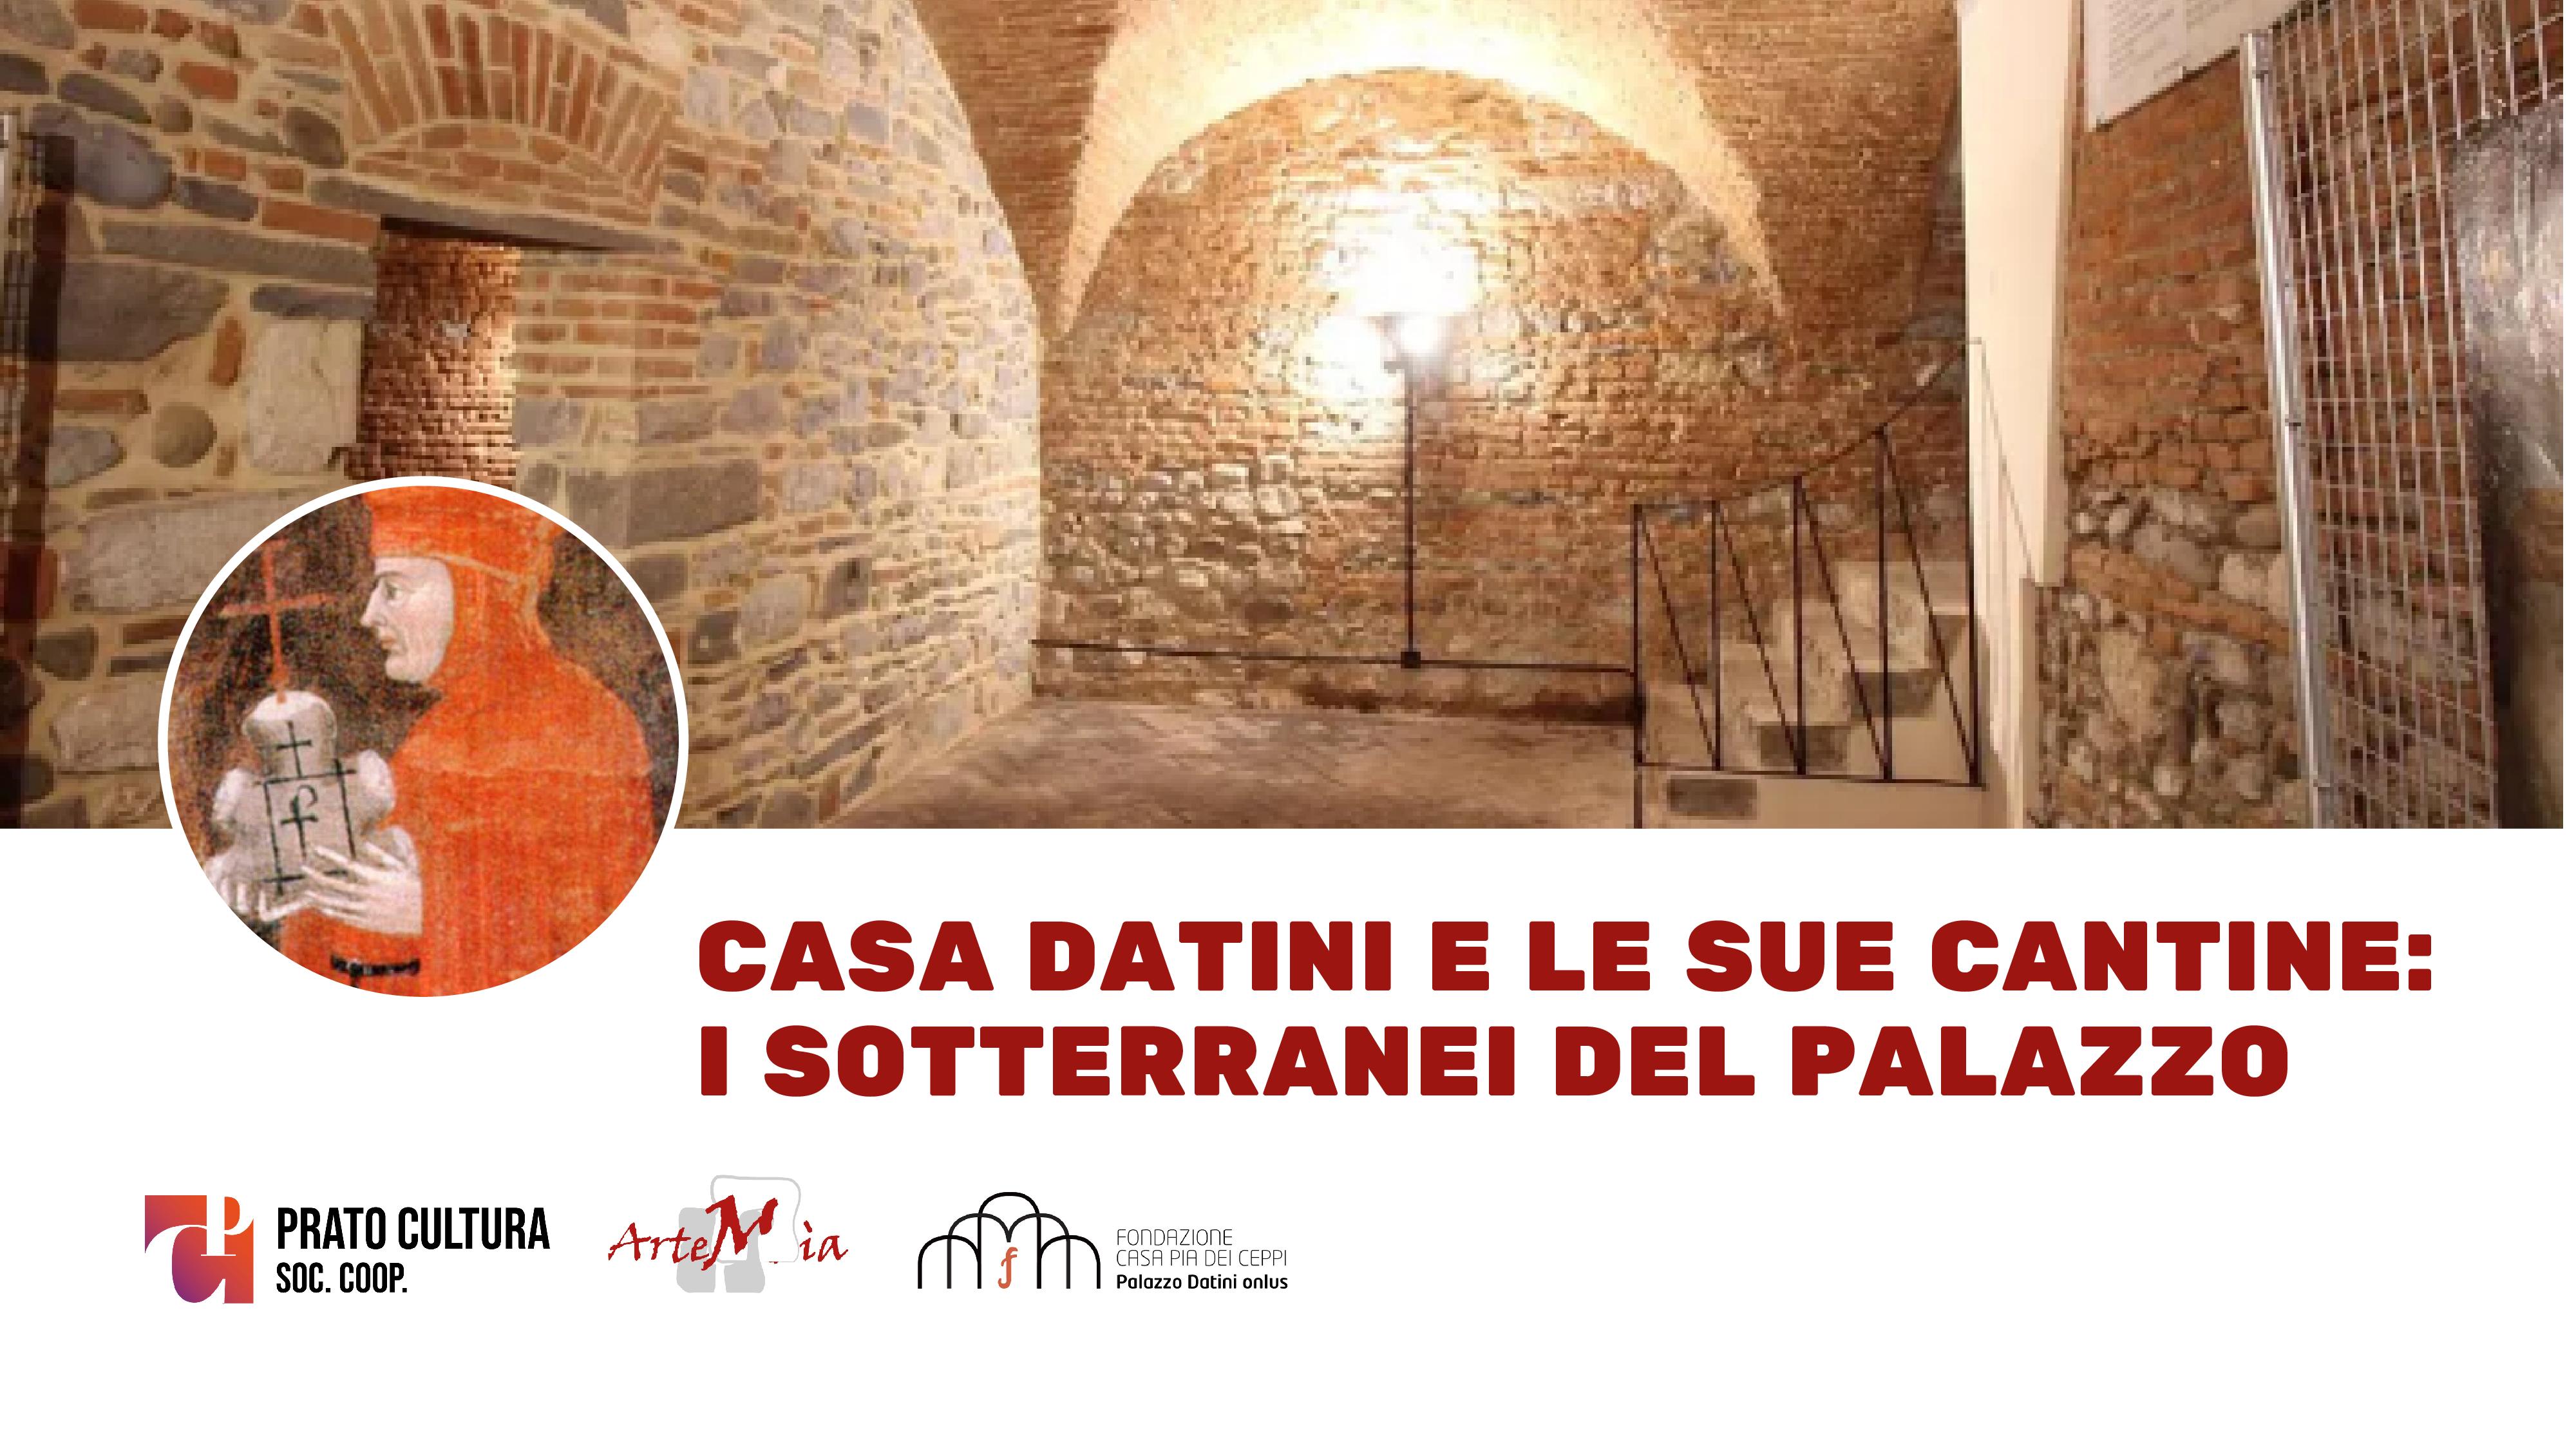 Casa Datini e le sue cantine: i sotterranei del palazzo da poco restaurati.